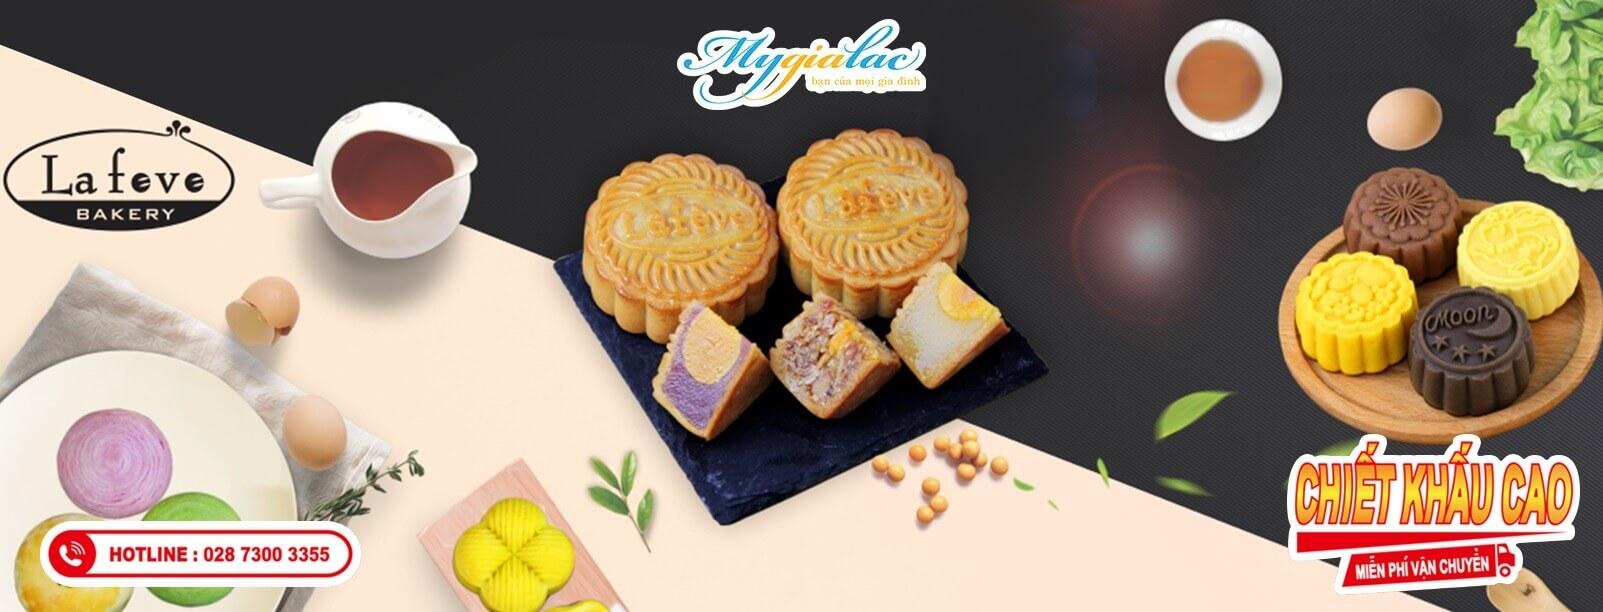 Bánh Trung Thu Lafeve 2019